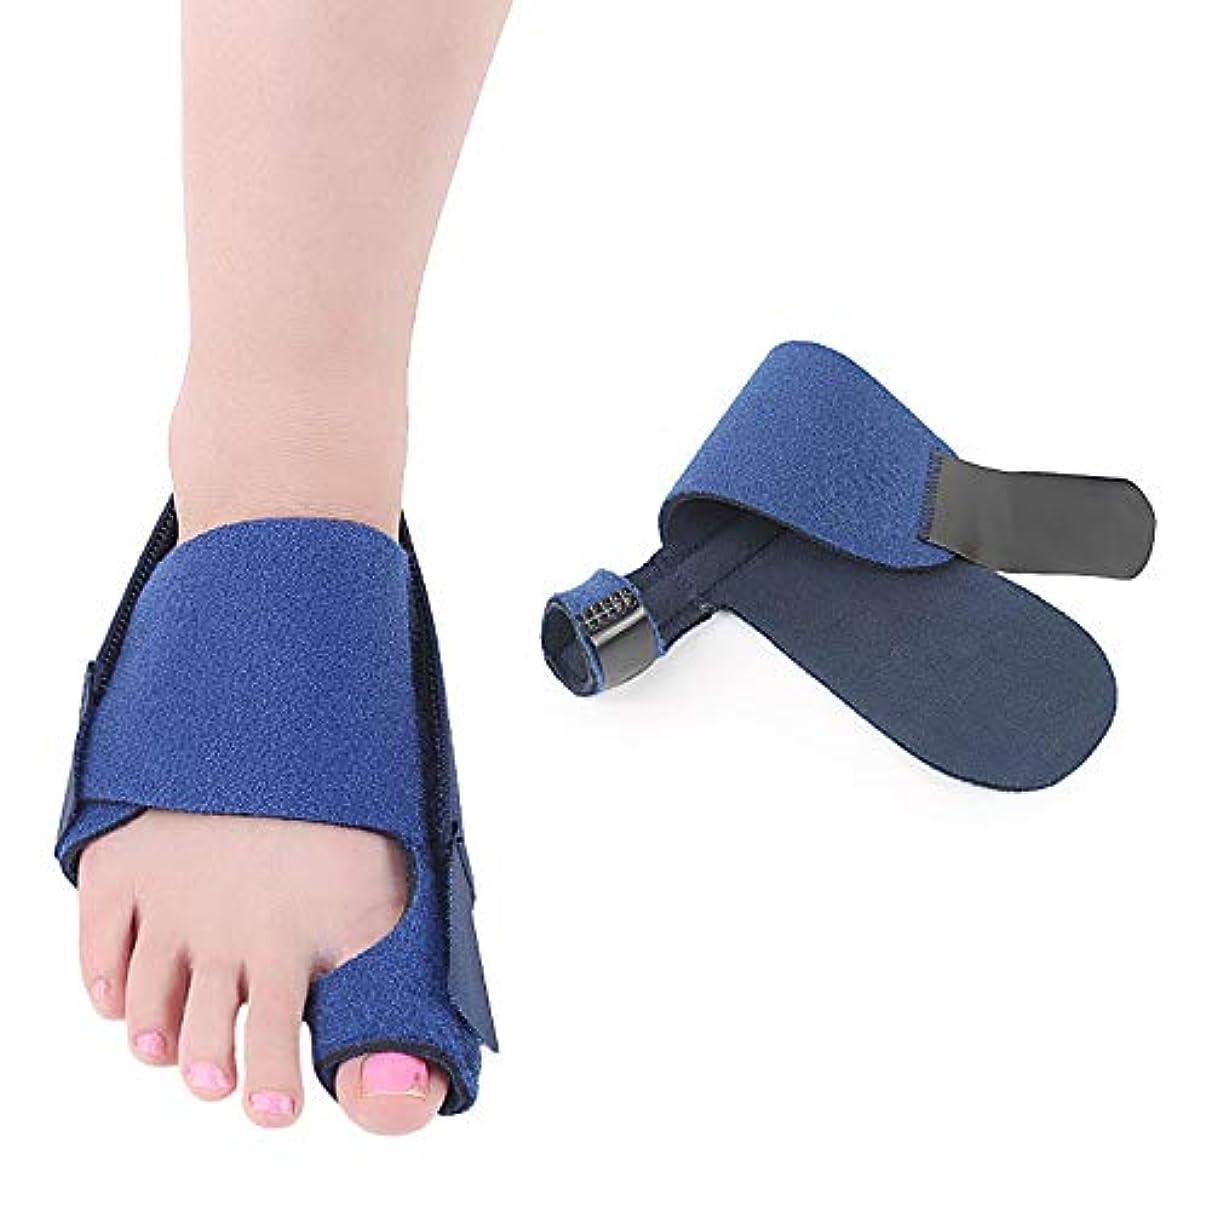 百年市民クロニクル外反母趾足指セパレーターは足指重複嚢胞通気性吸収汗ワンサイズを防止し、ヨガ後の痛みと変形を軽減,RightFoot